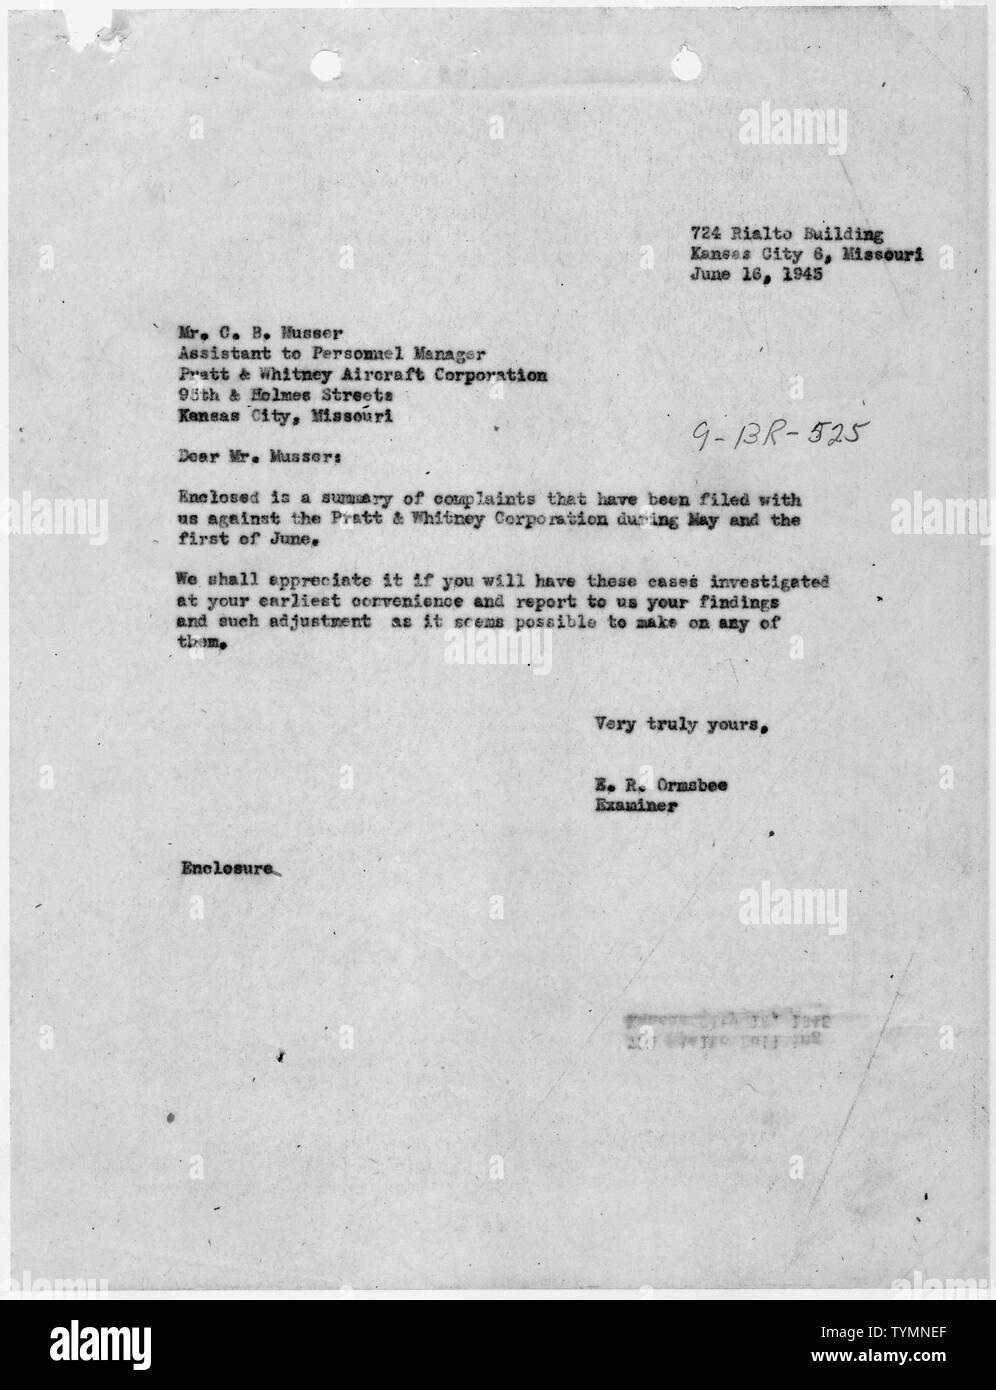 Thressa Ward [Case 9-BR-525]: E.R. Ormsbee to C.B. Musser ...